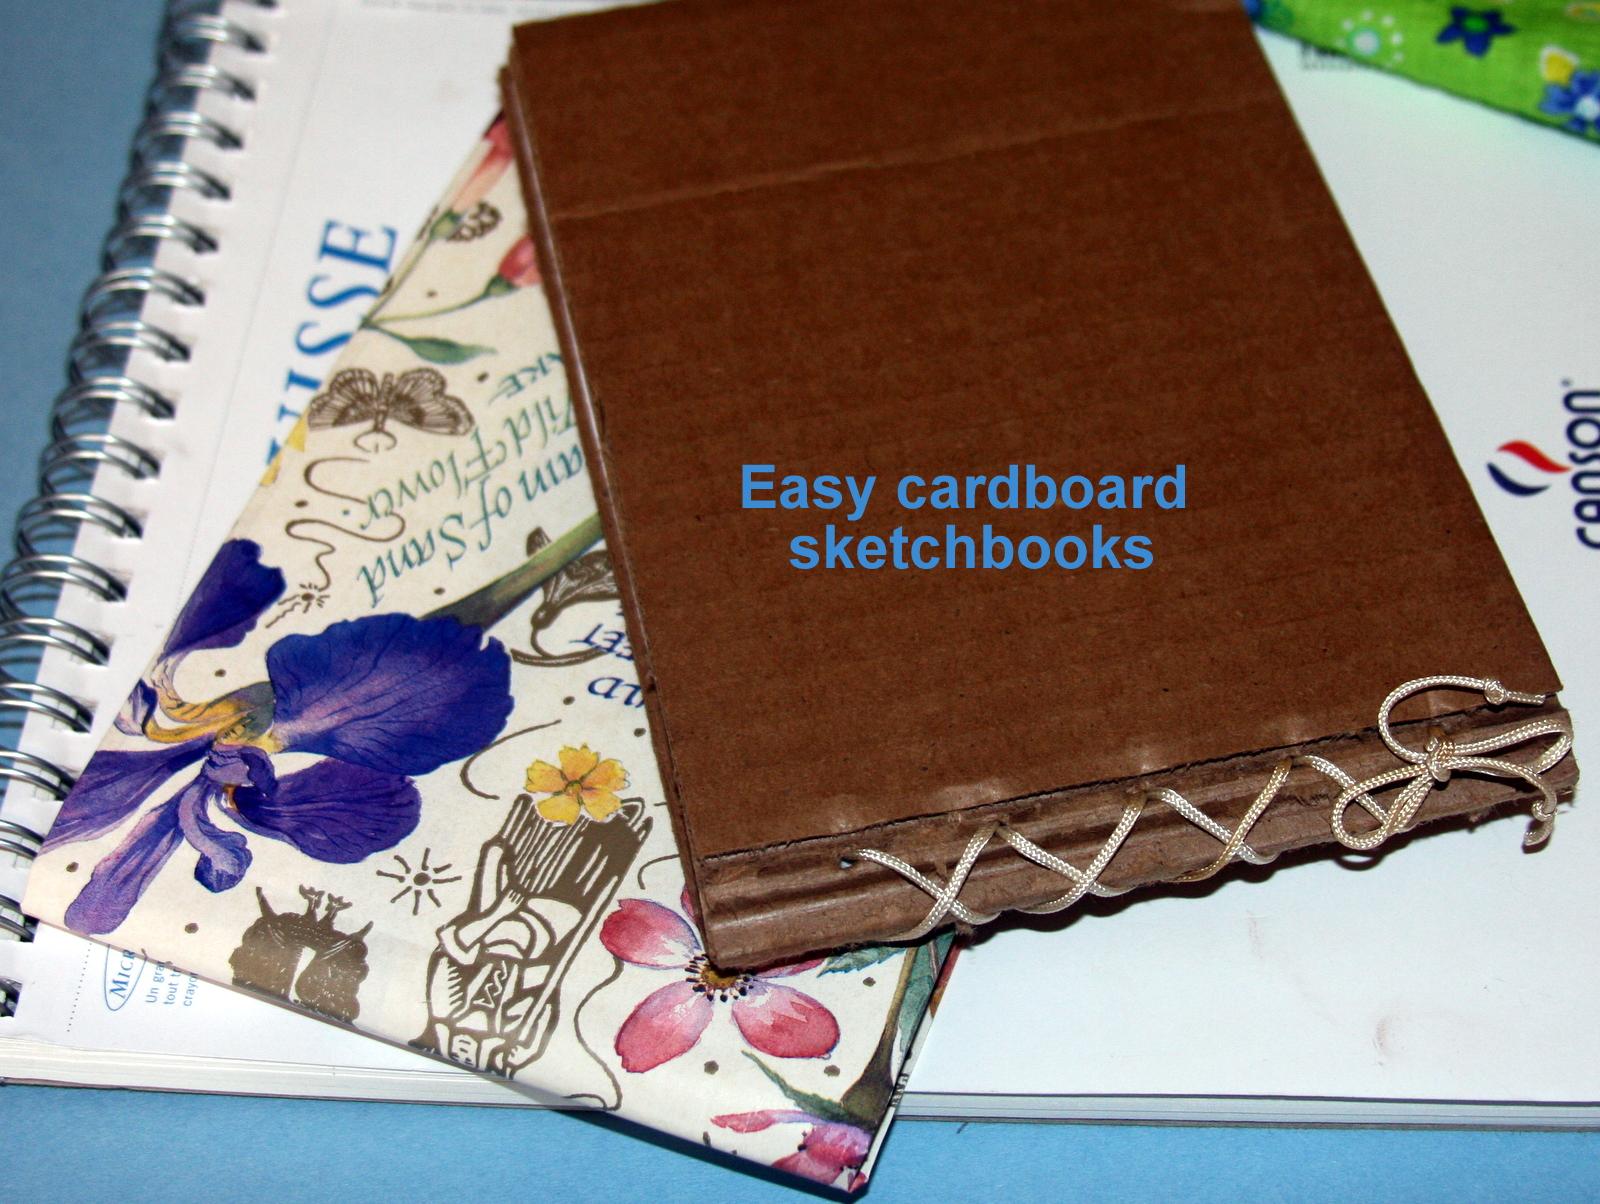 Easy cardboard sketchbook